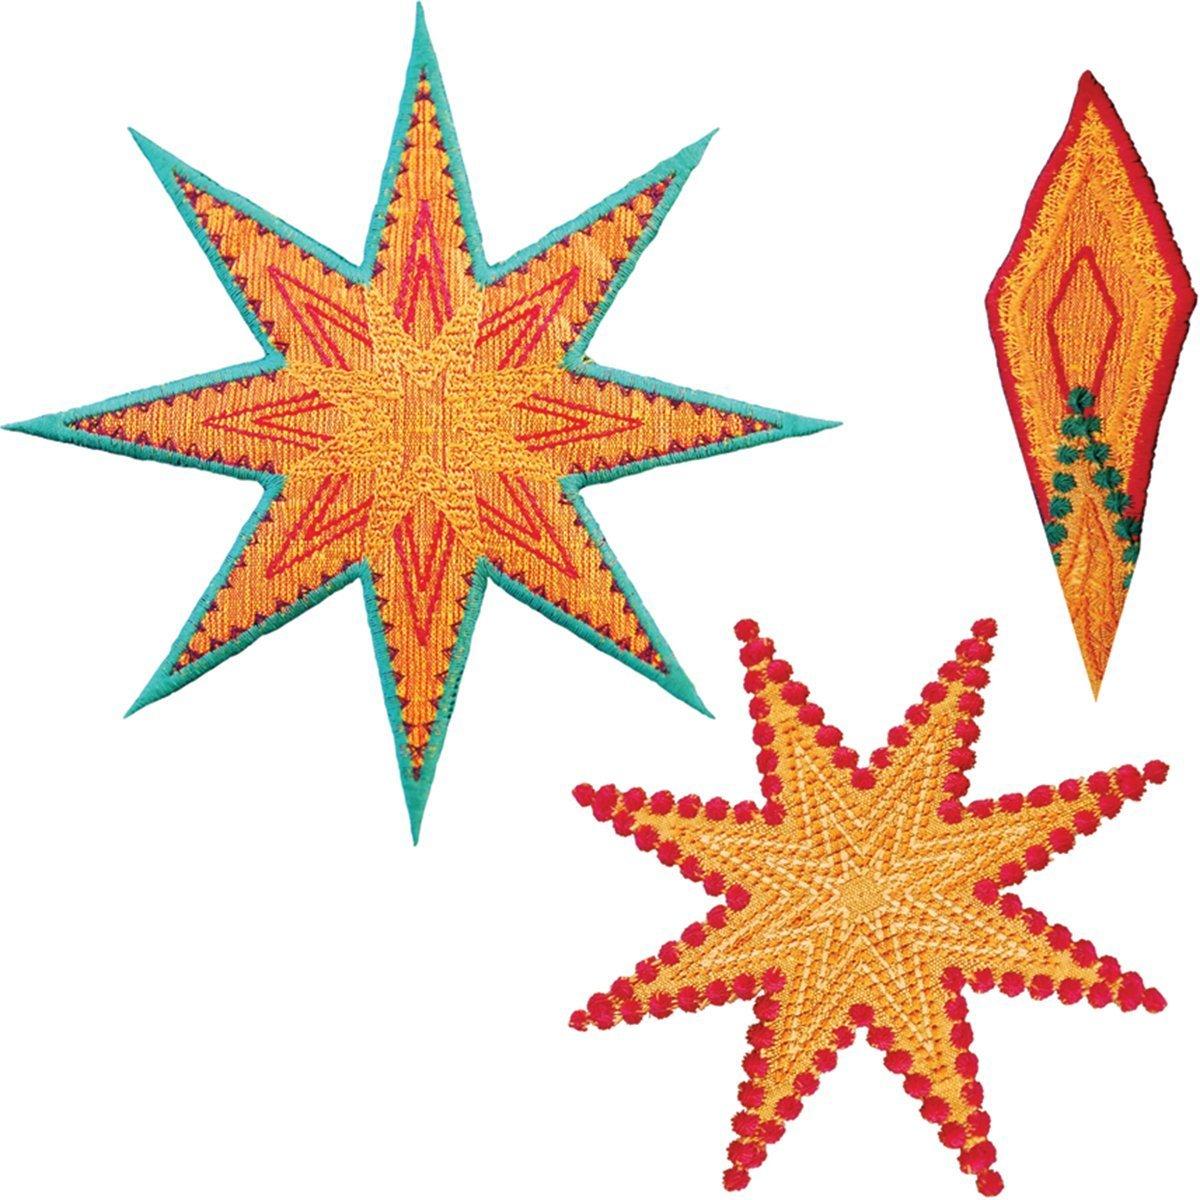 Accuquilt GO! Cutting Die Licensed Star 8 Point by Sarah Vedeler 55315